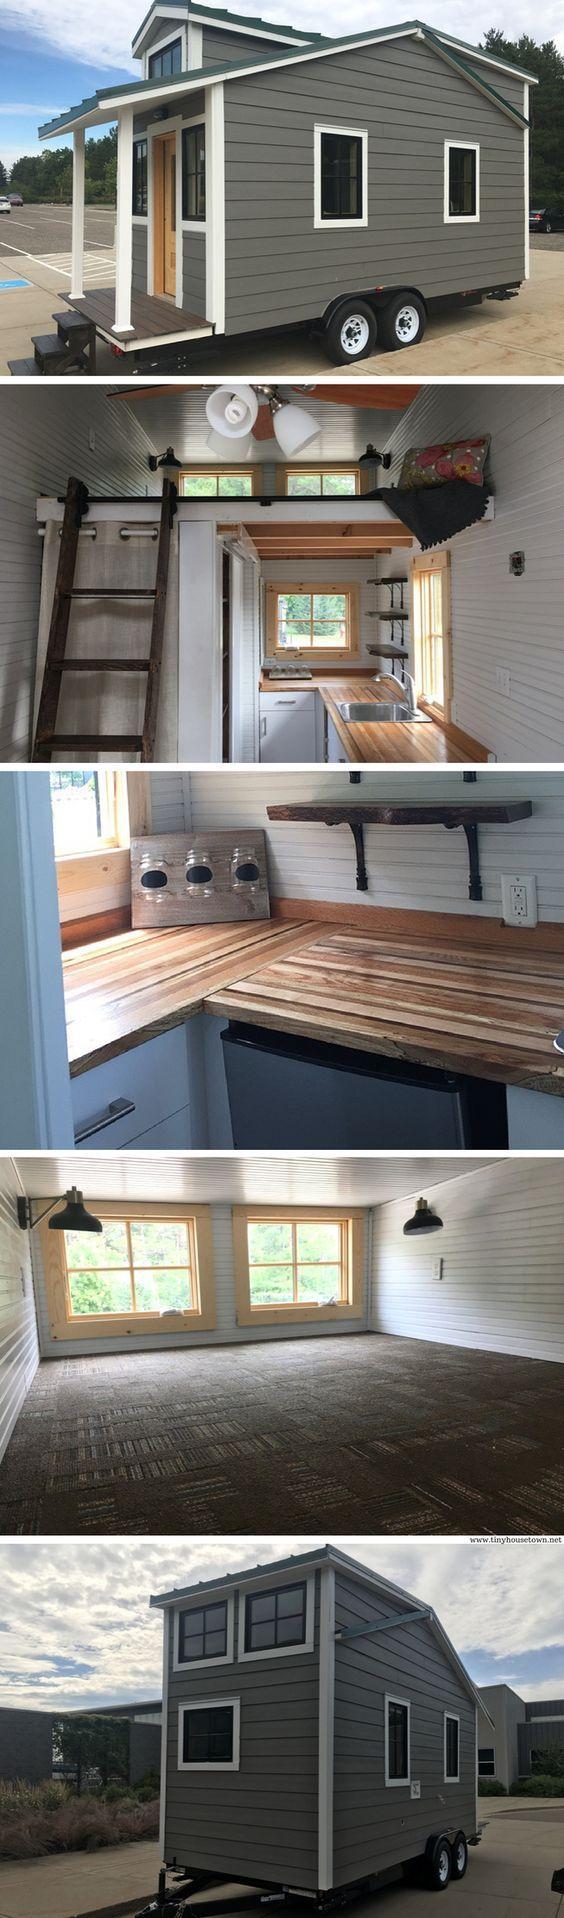 Küchendesign einfach klein die  besten bilder zu beach houseus cabinus homeus decor